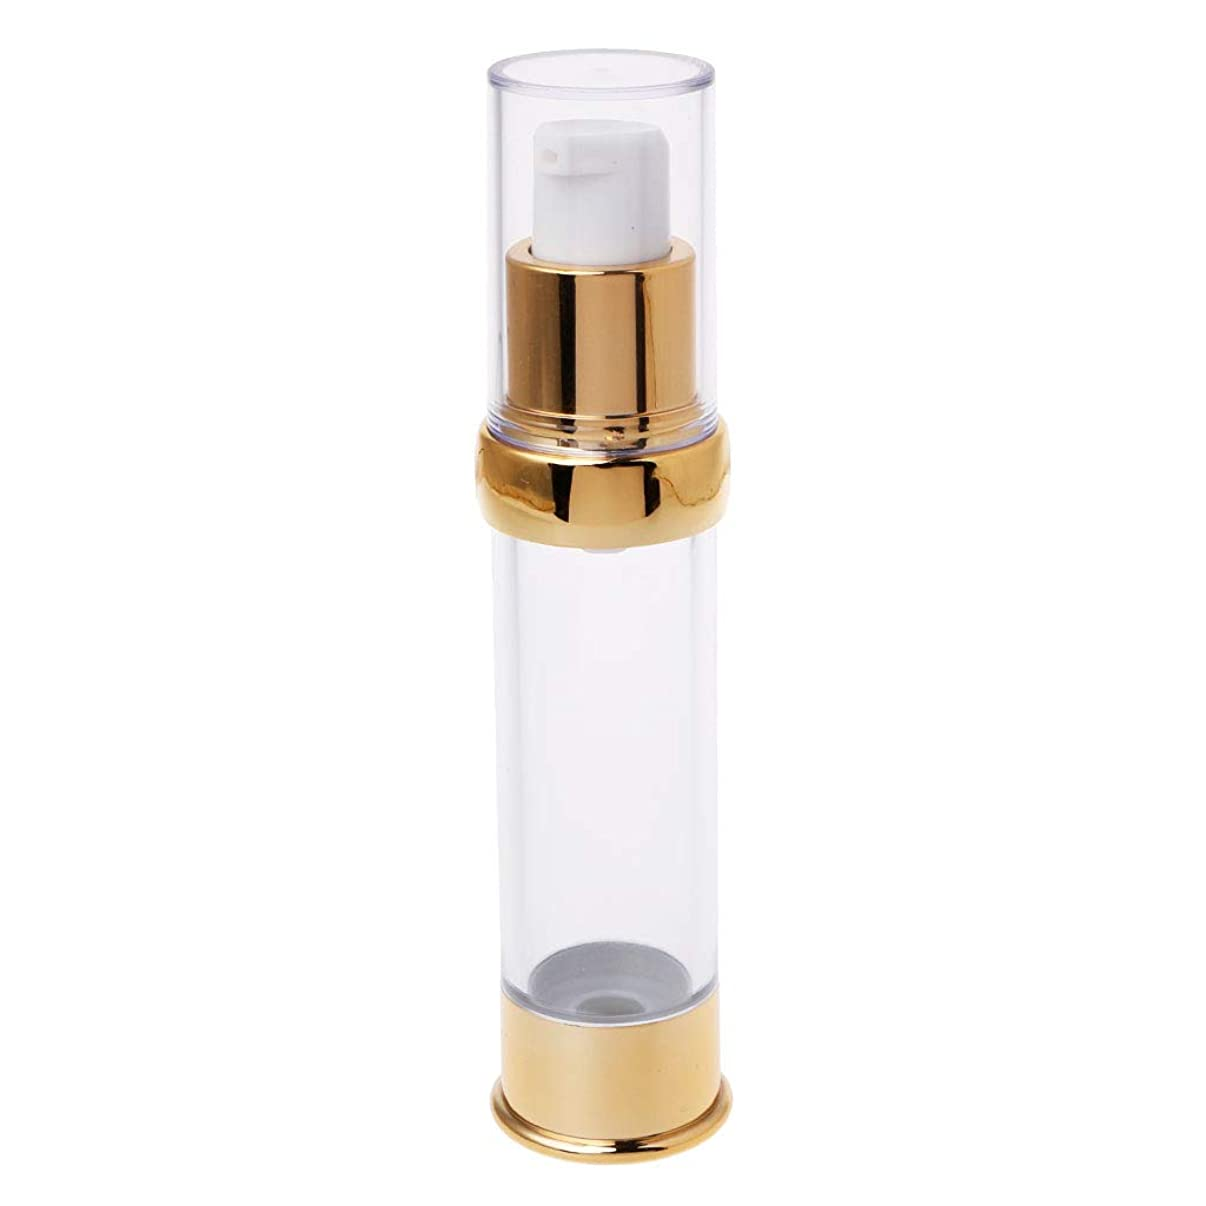 安全性カルシウム浸したDabixx トラベルエアレスボトルポンプ空スプレー化粧品真空ローションボトル15/20/30ミリリットル - ゴールド2